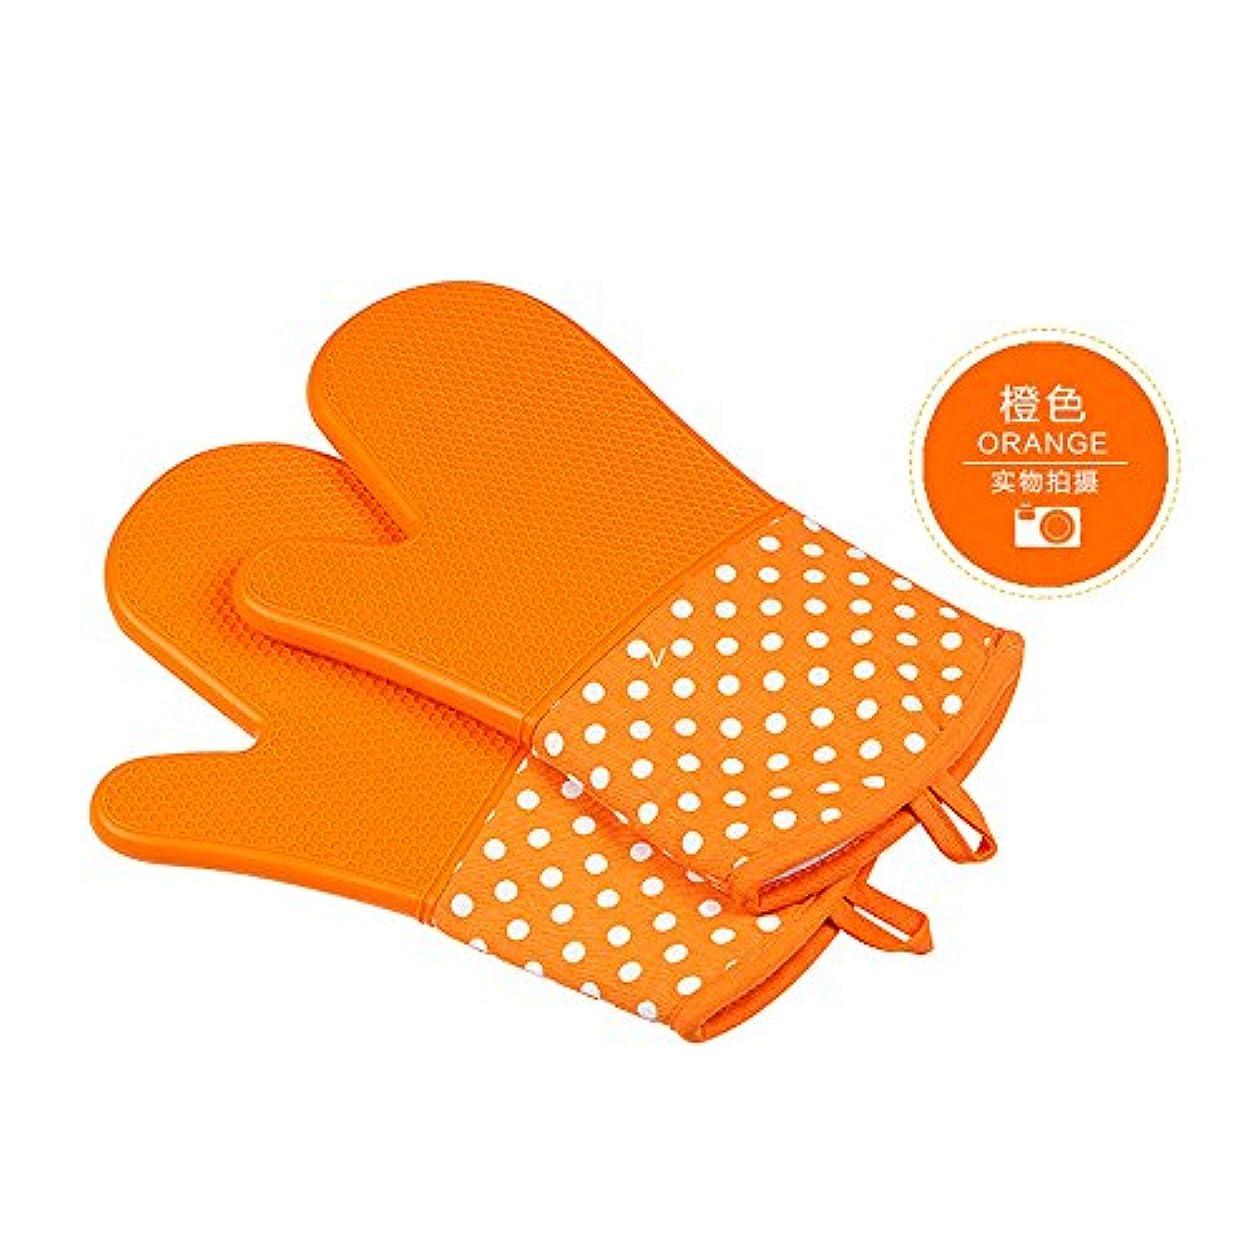 未満中に先にJOOP【2個セット】【シリコンベーキング手袋】【バーベキュー手袋】【キッチン電子レンジの手袋】【オーブン断熱手袋】【300の加熱温度極値】【7色】 (グリーン)